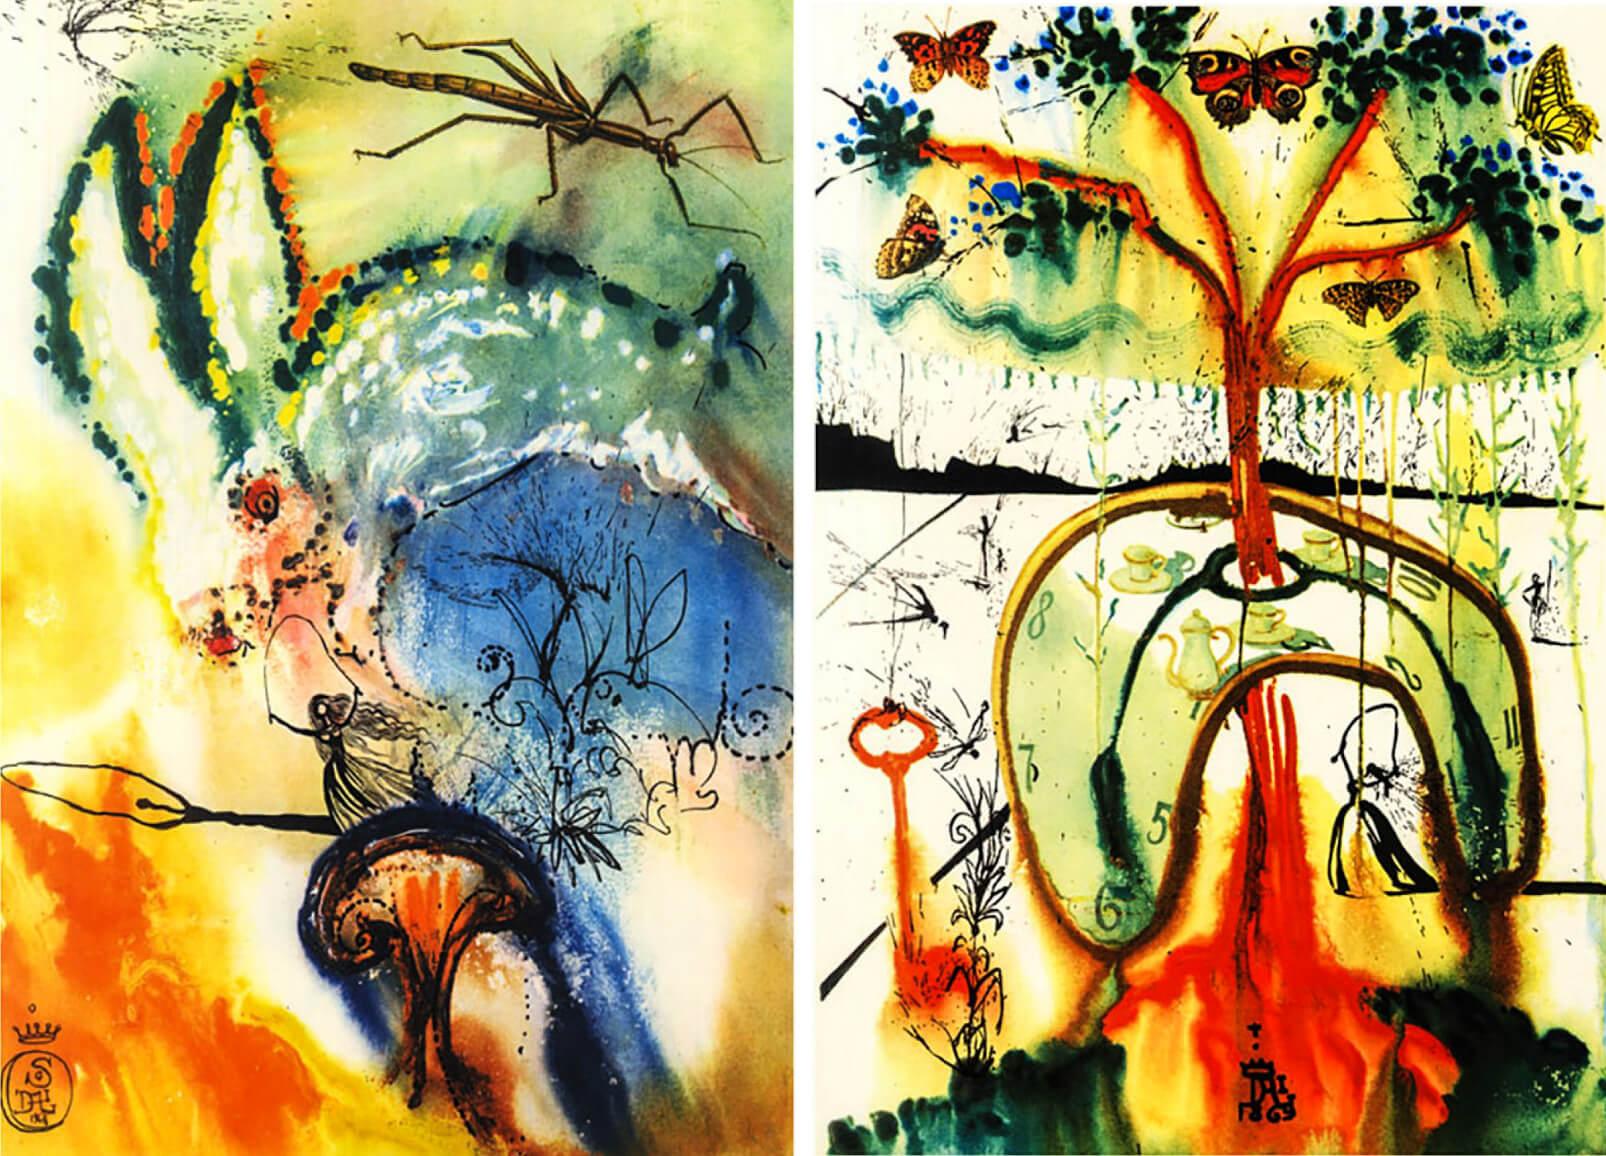 Salvador Dalí illusztrációi magukon viselik a szürrealizmus jellegzetes vonásait